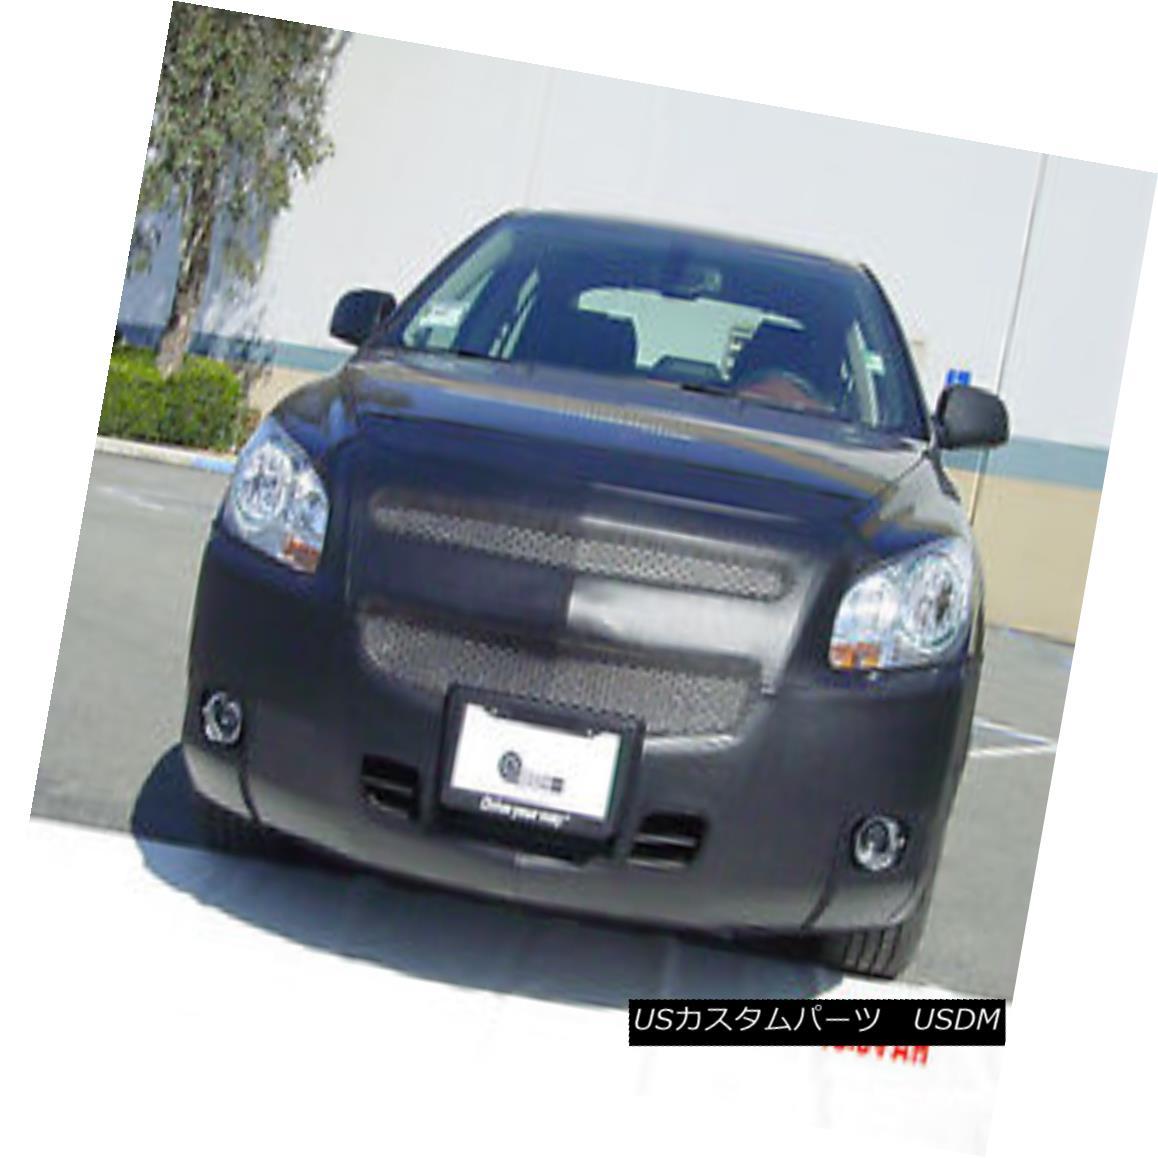 フルブラ ノーズブラ Colgan Front End Mask Bra 2pc. Fits Chevy Malibu 2008-2012 Without Lic. Plate コルガンフロントエンドマスクブラ2pc Chevy Malibu 2008-2012 Licなし。 プレート